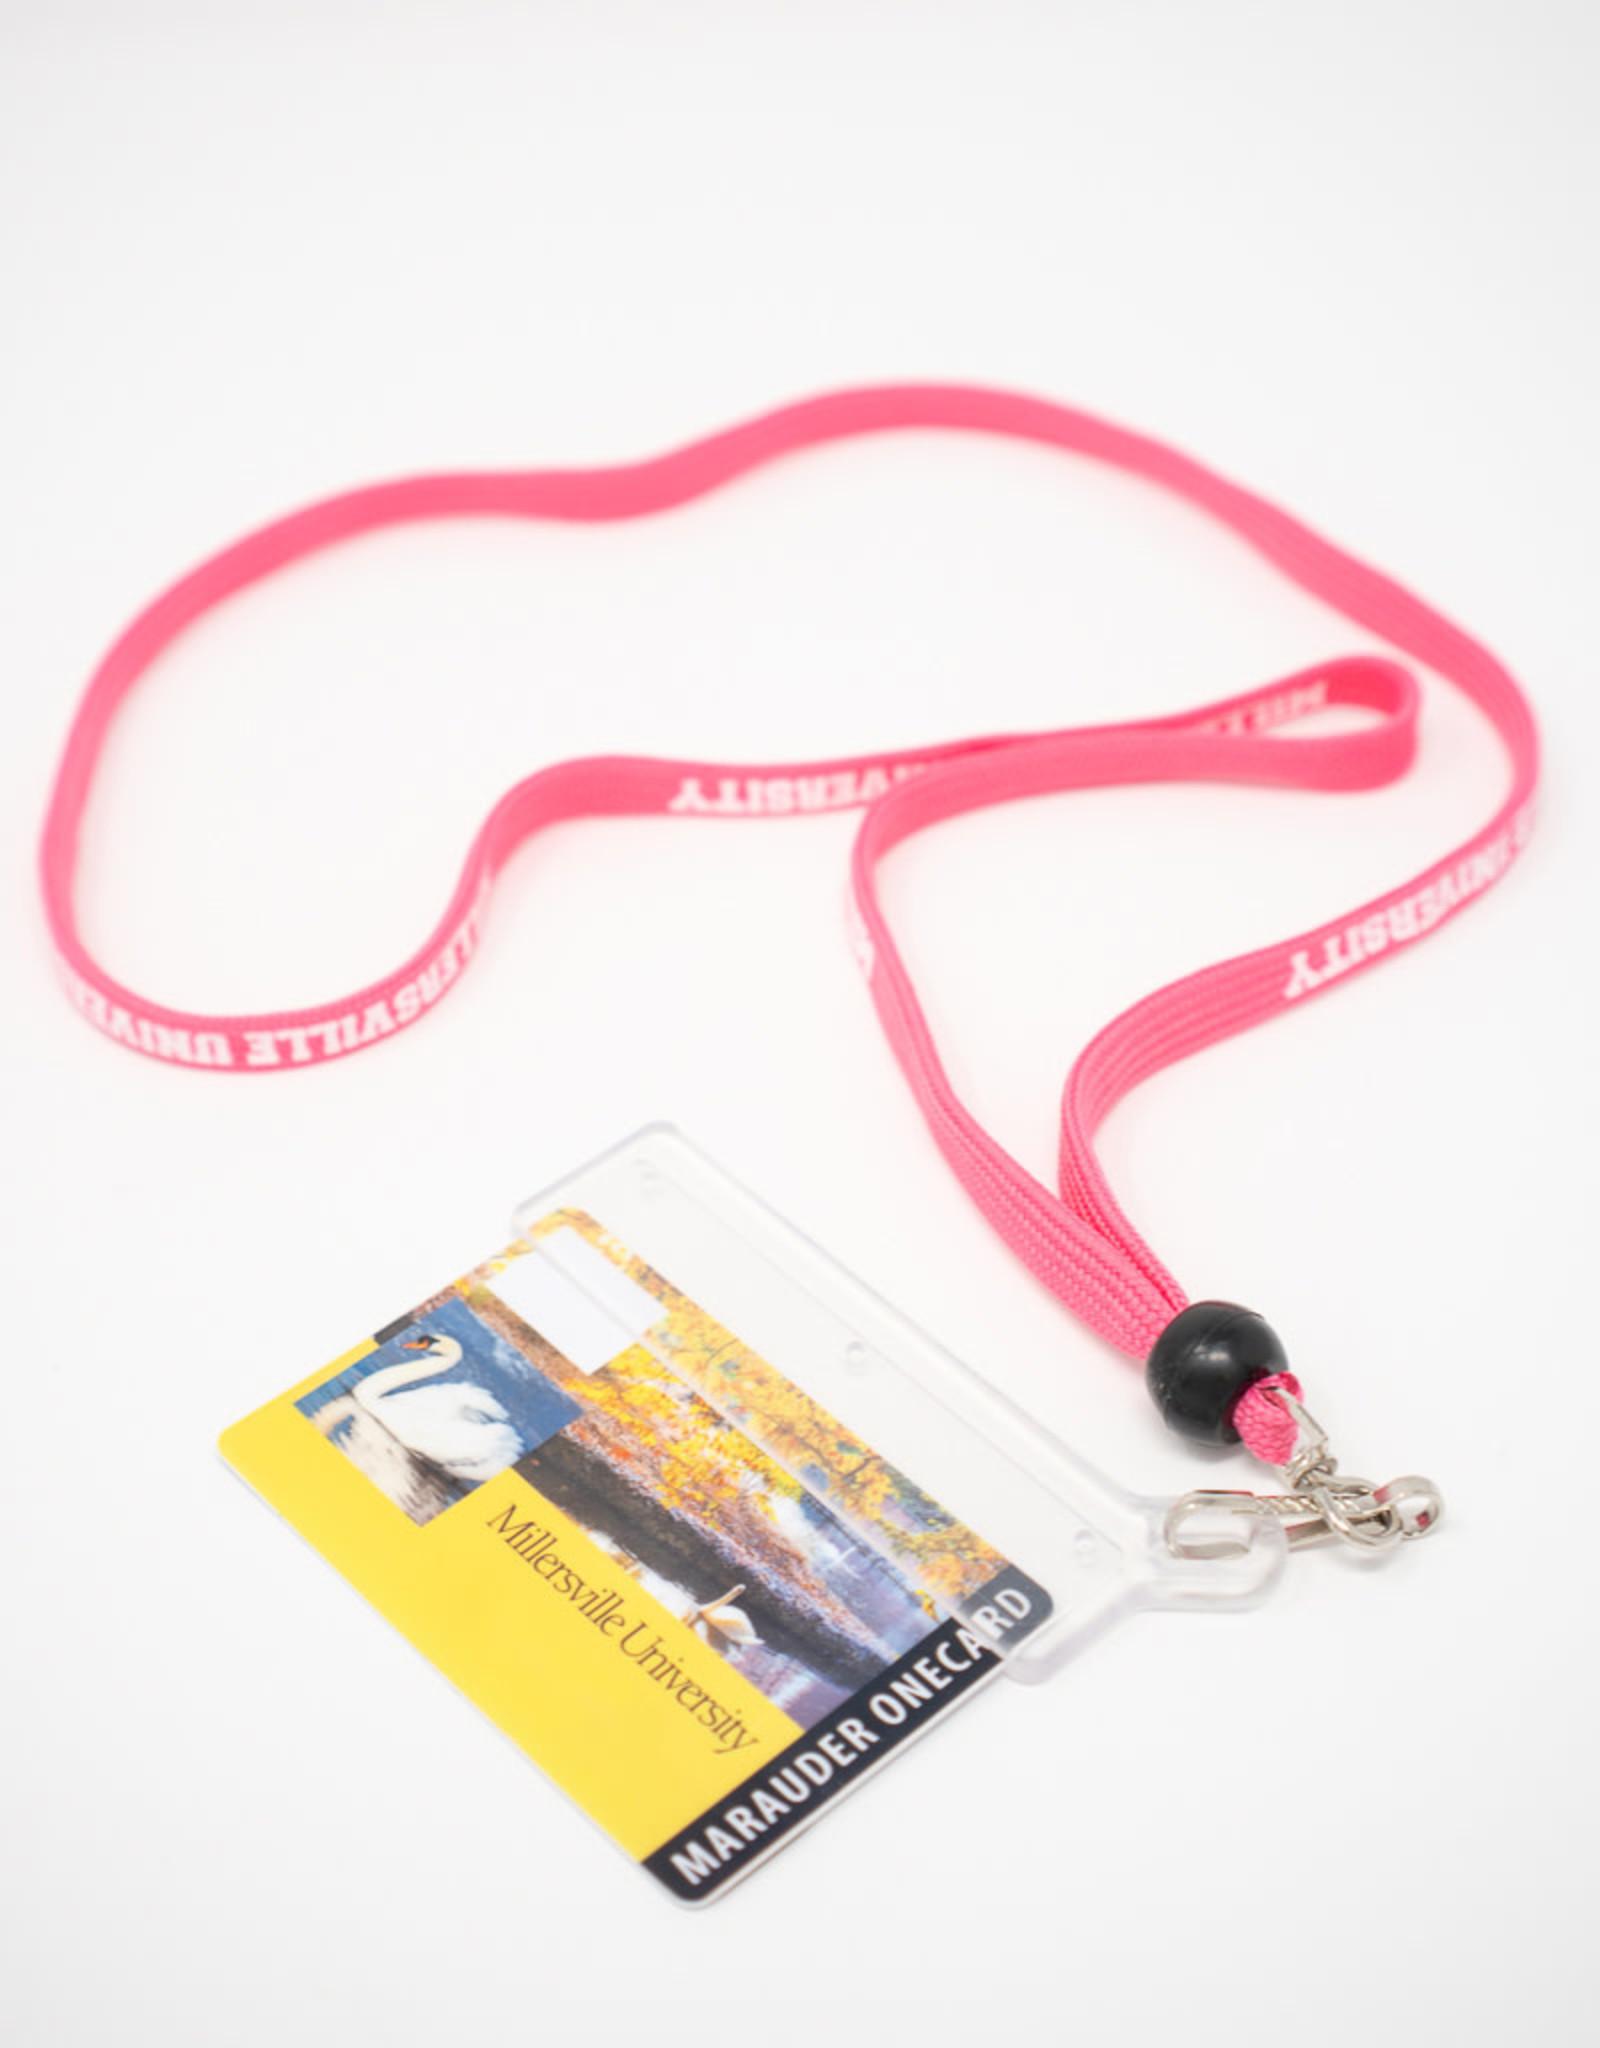 Id Lanyard - Pink Sale!